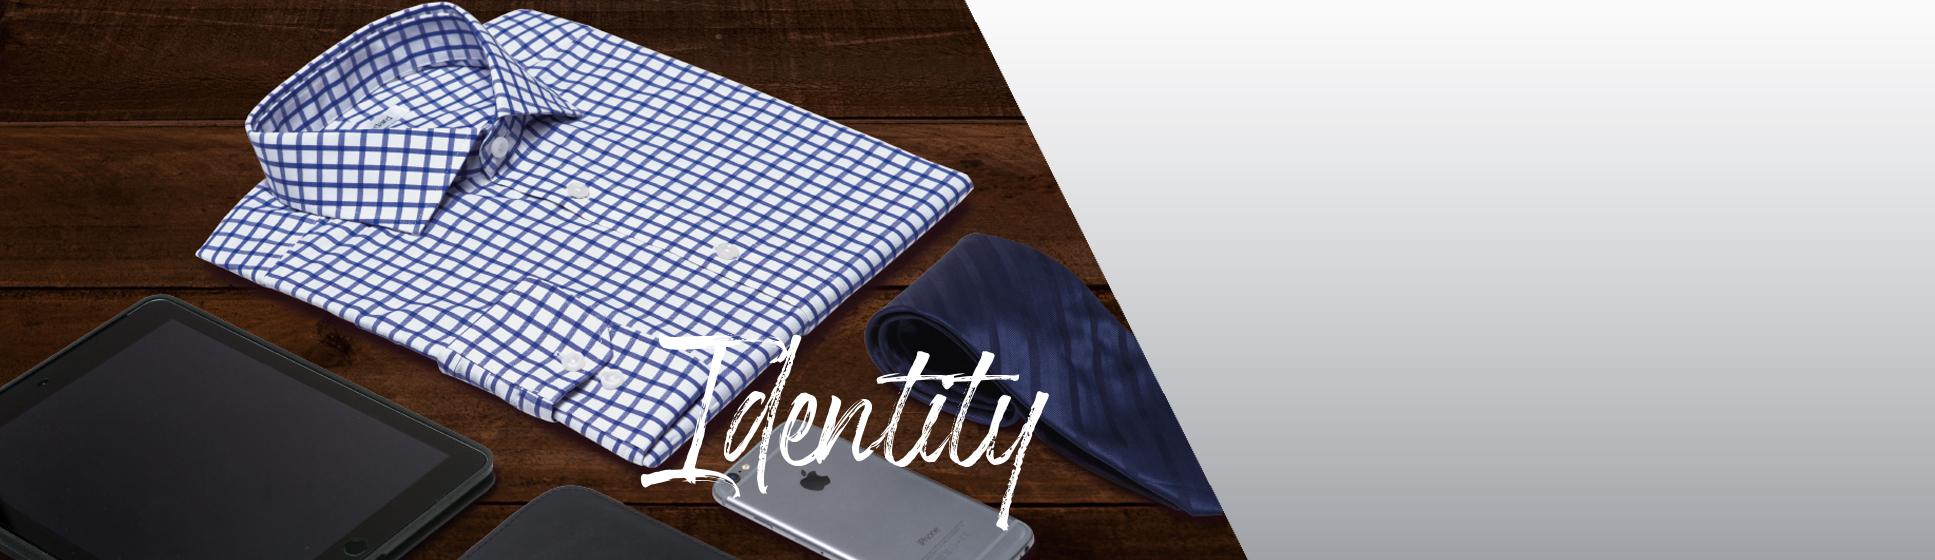 New Identity Check Shirt Slider